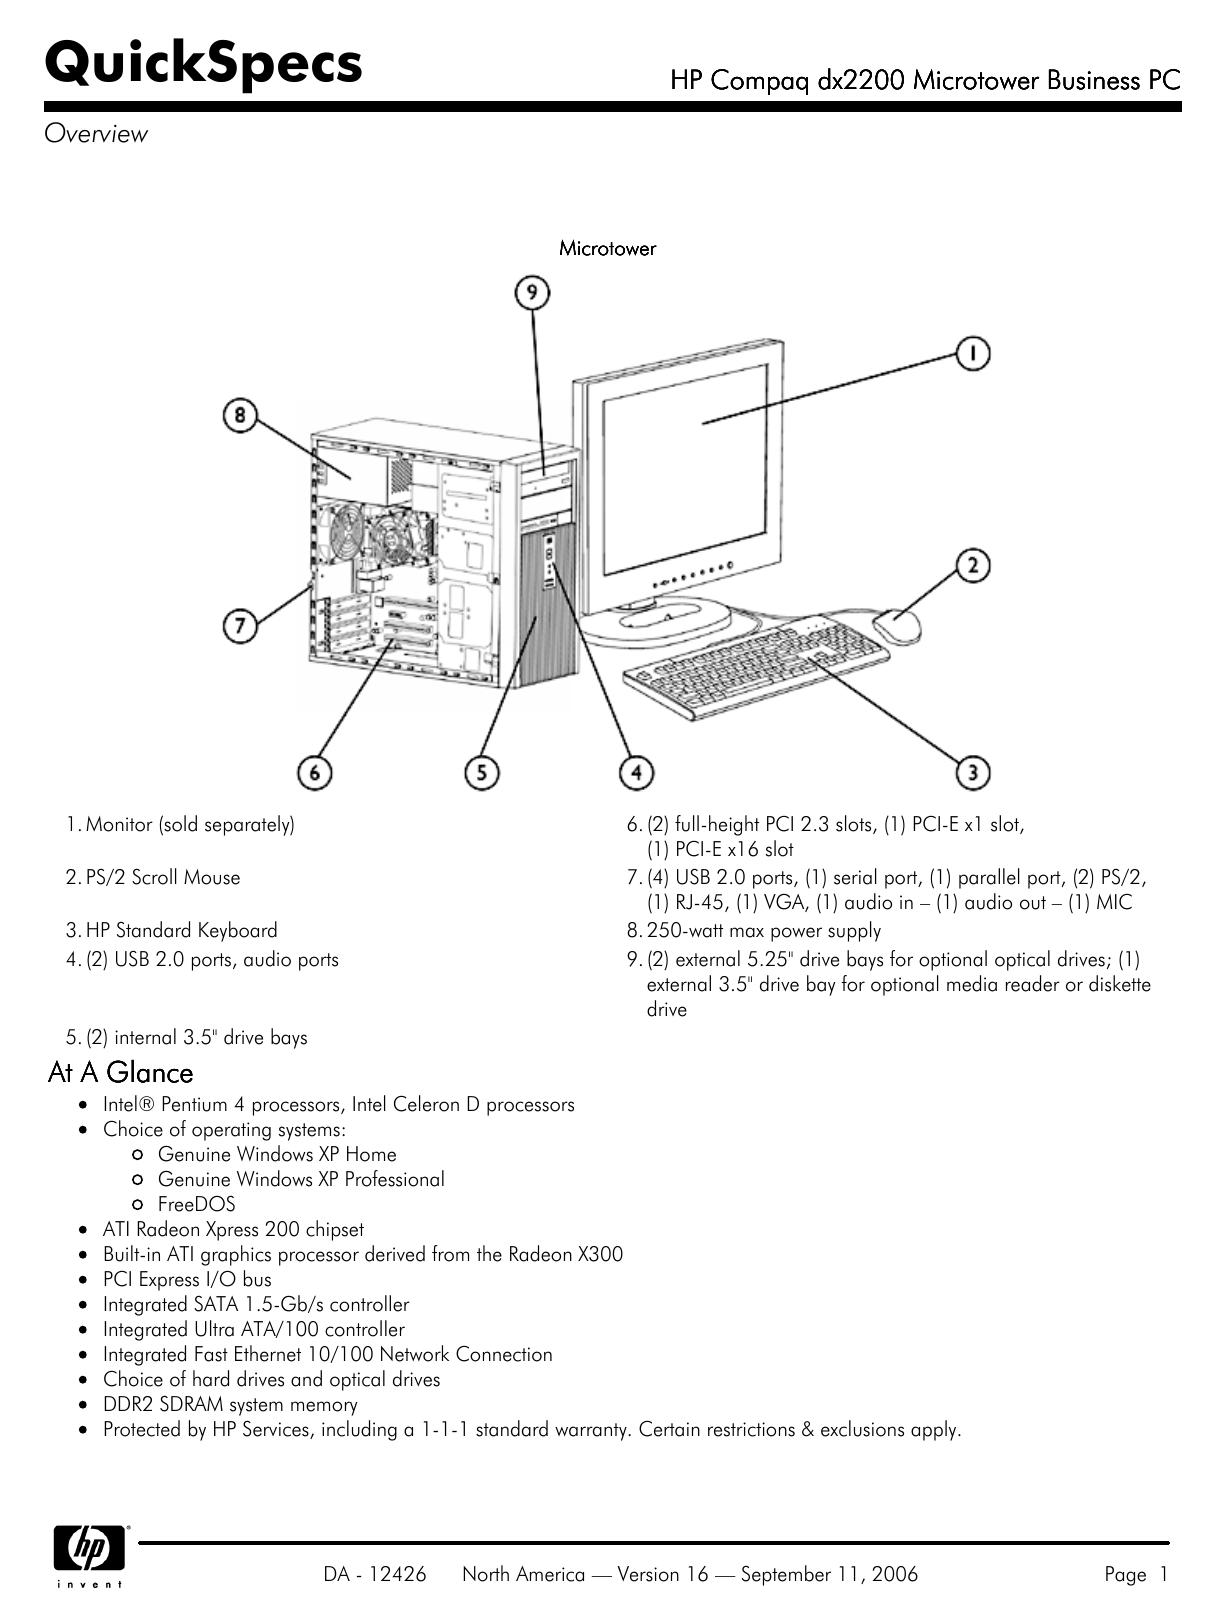 HP COMPAQ DRIVERS DX2200 TÉLÉCHARGER